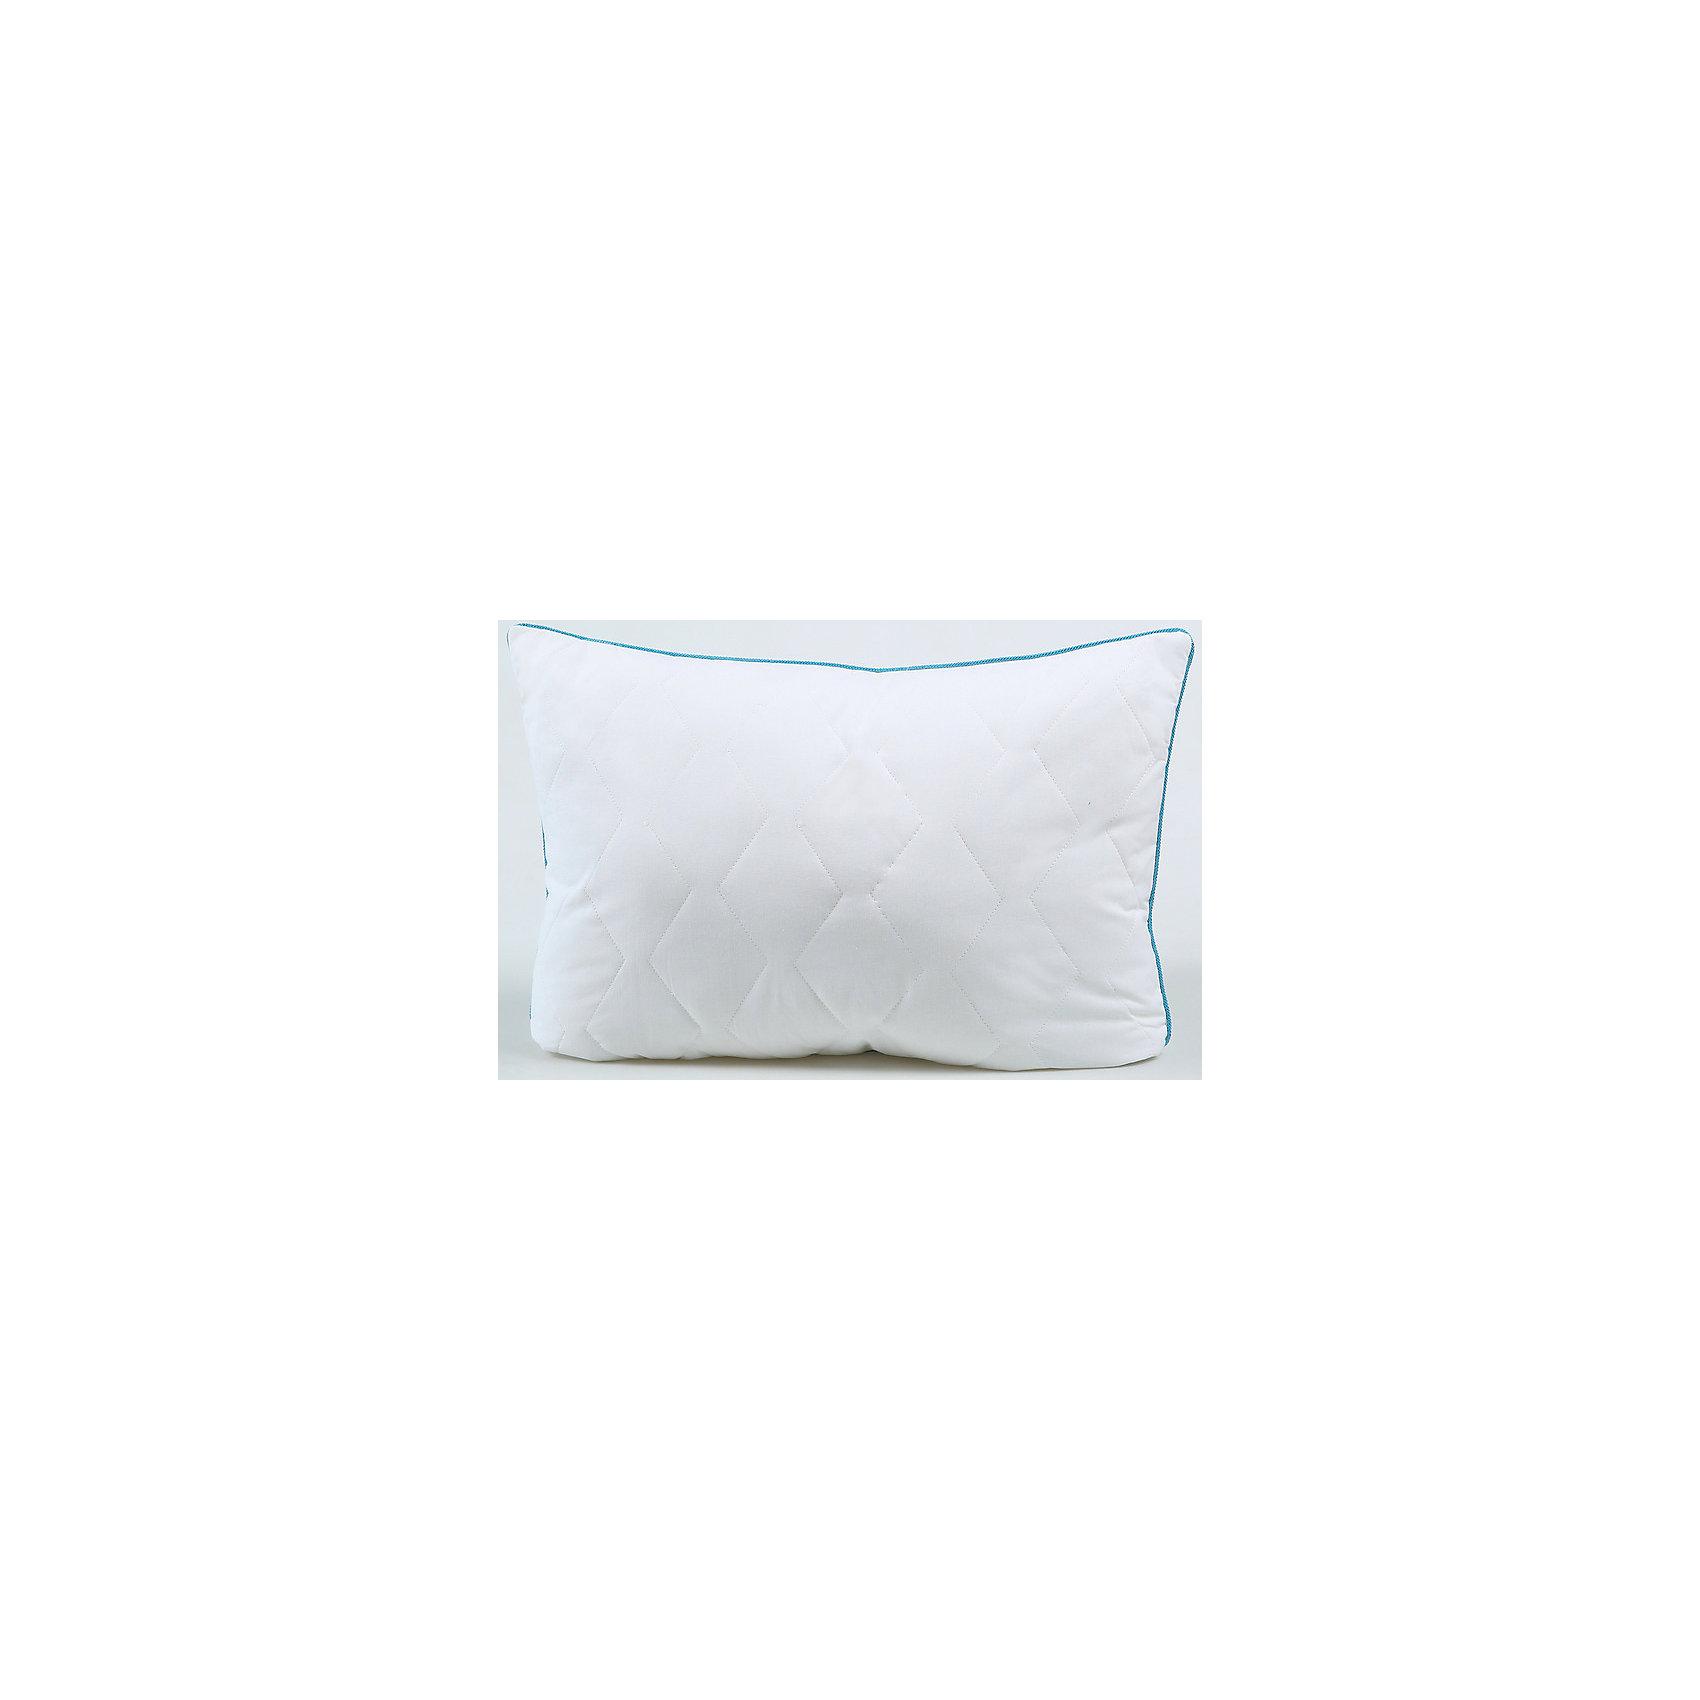 Подушка Белый лебедь Classic, 50*70, Mona LizaДомашний текстиль<br>Характеристики:<br><br>• Вид домашнего текстиля: подушка<br>• Серия: Mona Liza Classic<br>• Сезон: круглый год<br>• Материал: бязь <br>• Наполнитель: синтепон, силиконизированное волокно<br>• Цвет: молочный<br>• Тип упаковки: полиэтиленовая сумка-чехол с ручками<br>• Вес в упаковке: 800 г<br>• Размеры (Д*Ш): 50*70 см<br>• Особенности ухода: сухая чистка<br><br>Подушка 50*70 Белый лебедь Classic, Mona Liza изготовлена под отечественным торговым брендом, выпускающим постельное белье и принадлежности из натуральных тканей и высококачественных наполнителей. Подушка из стеганого чехла наполнена лебяжьим пухом, который обладает высокими гипоаллергенными свойствами, долгое время сохраняет тепло, не впитывает запахи и не сбивается. Легкая по весу, при этом достаточно пышная подушка от Mona Liza подарит здоровый и комфортный сон.<br>Подушка 50*70 Белый лебедь Classic, Mona Liza – домашний текстиль и постельные принадлежности, отвечающие международным стандартам качества и безопасности!<br><br>Подушку 50*70 Белый лебедь Classic, Mona Liza можно купить в нашем интернет-магазине.<br><br>Ширина мм: 700<br>Глубина мм: 180<br>Высота мм: 500<br>Вес г: 950<br>Возраст от месяцев: 84<br>Возраст до месяцев: 216<br>Пол: Унисекс<br>Возраст: Детский<br>SKU: 5165690